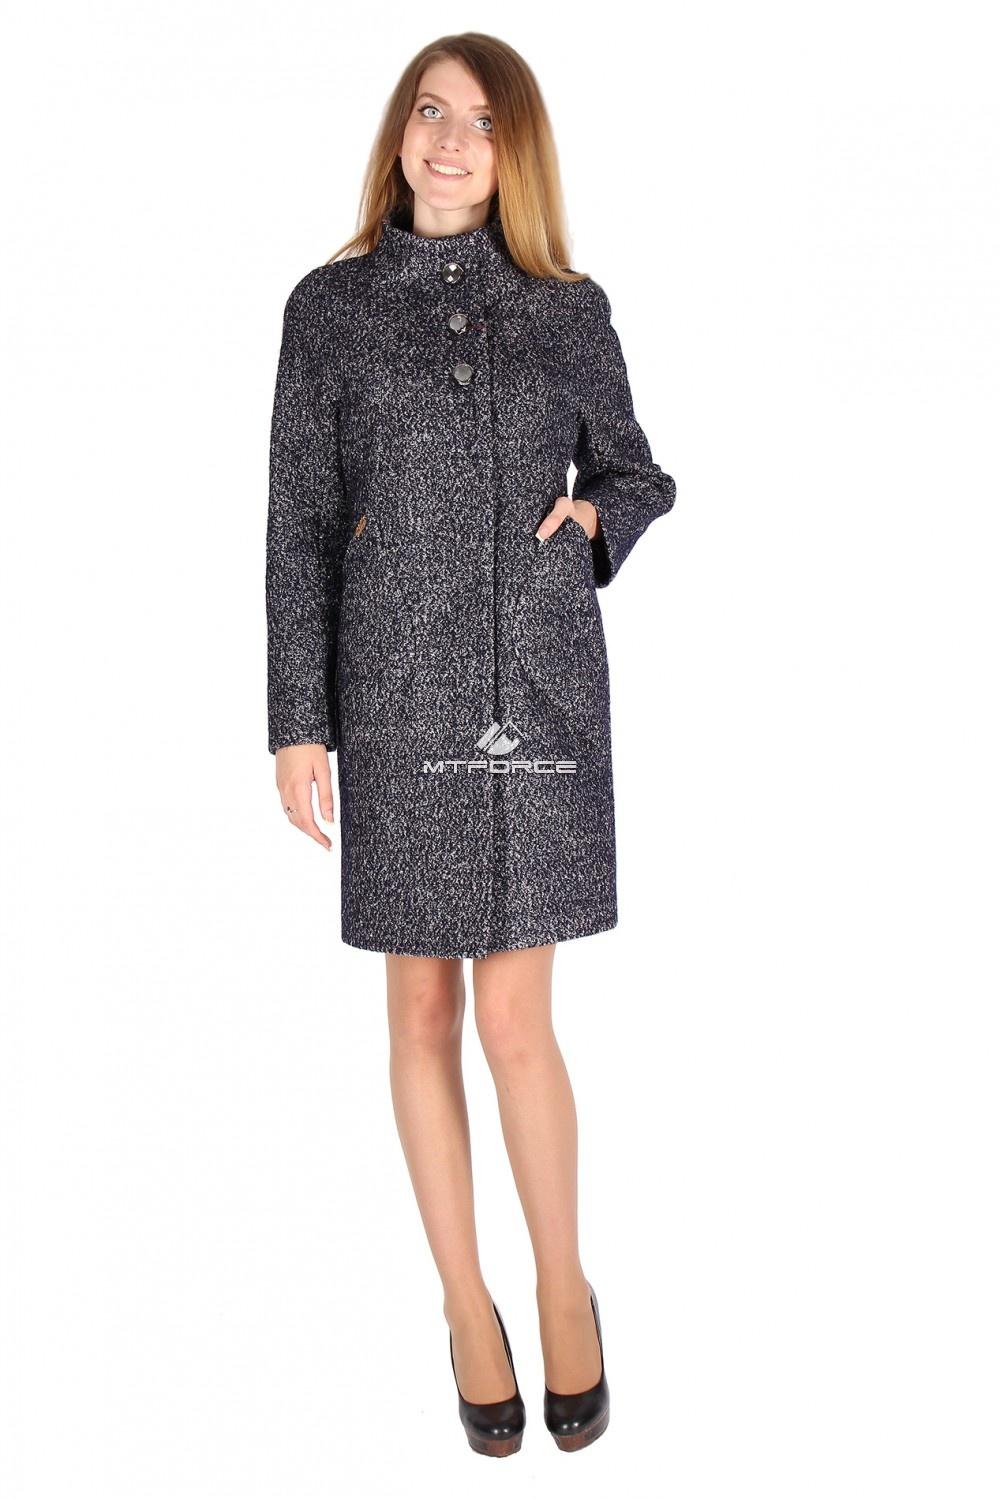 Купить                                  оптом Пальто женское темно-синего цвета 16291TS